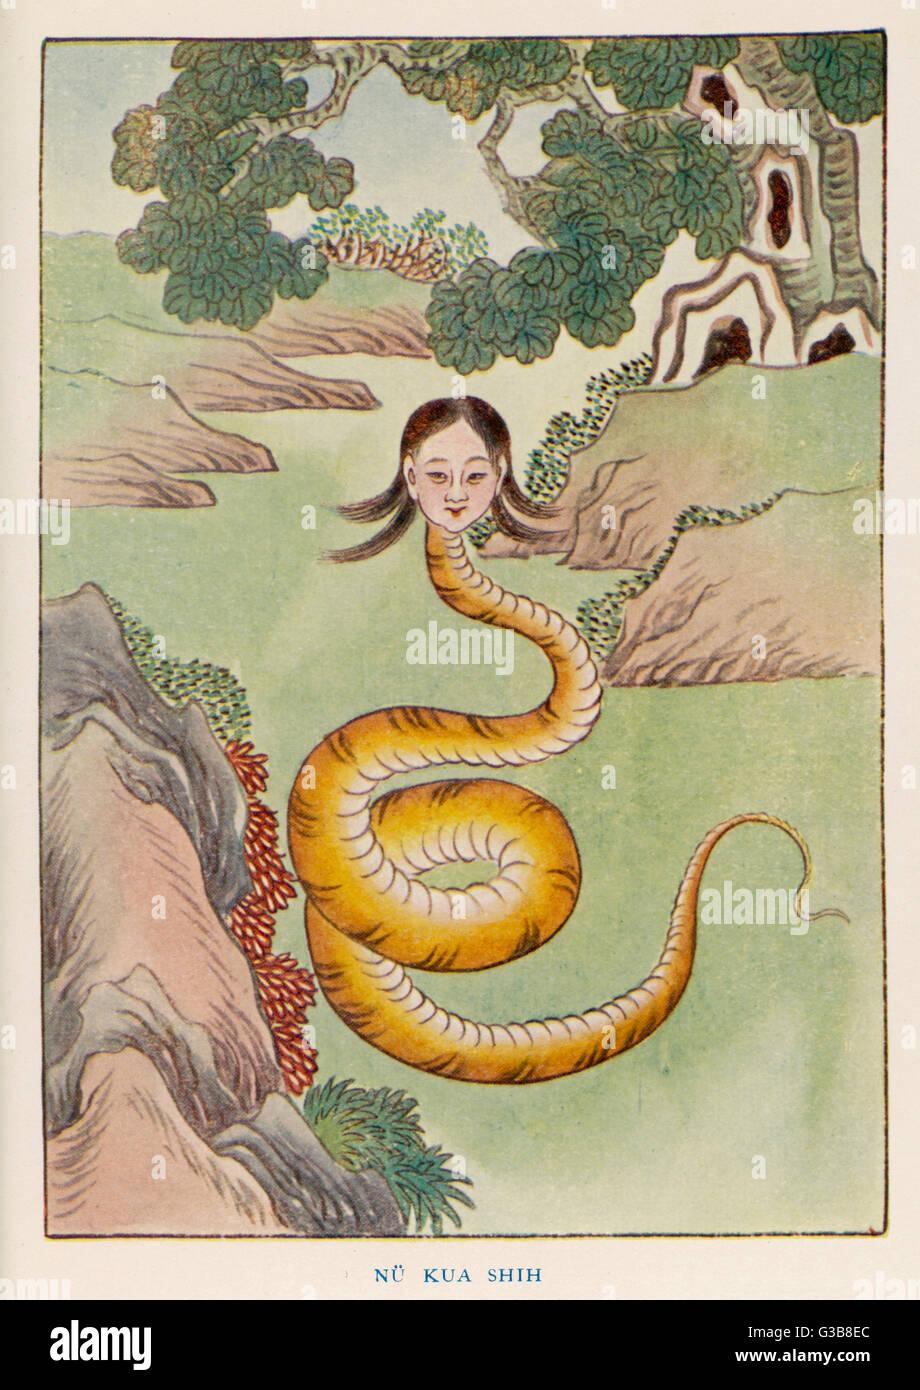 La diosa Nu Kua, mitad mujer, mitad dragón, creó a los primeros seres humanos fuera de la arcilla. Ella también Foto de stock